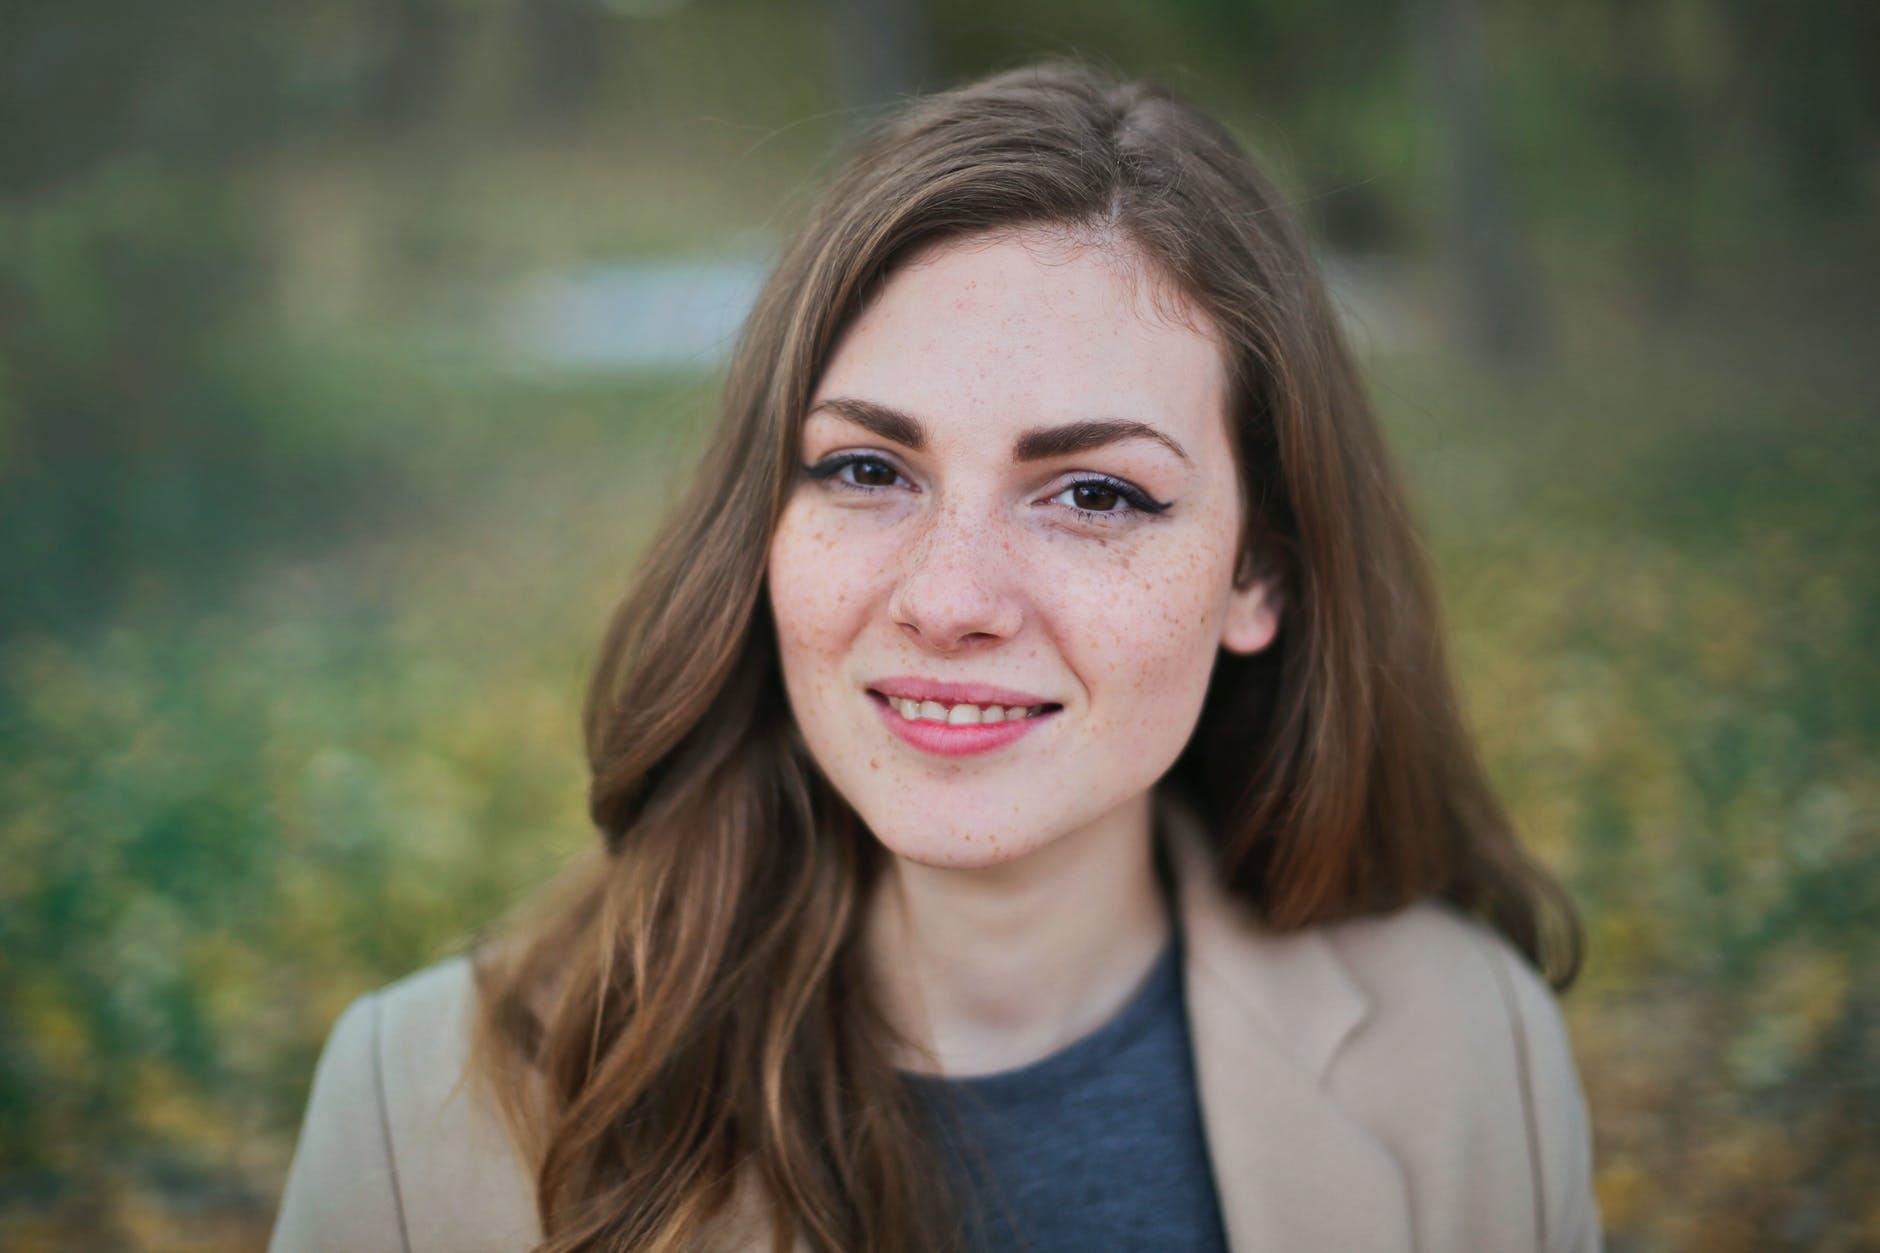 Miruna Boieroi